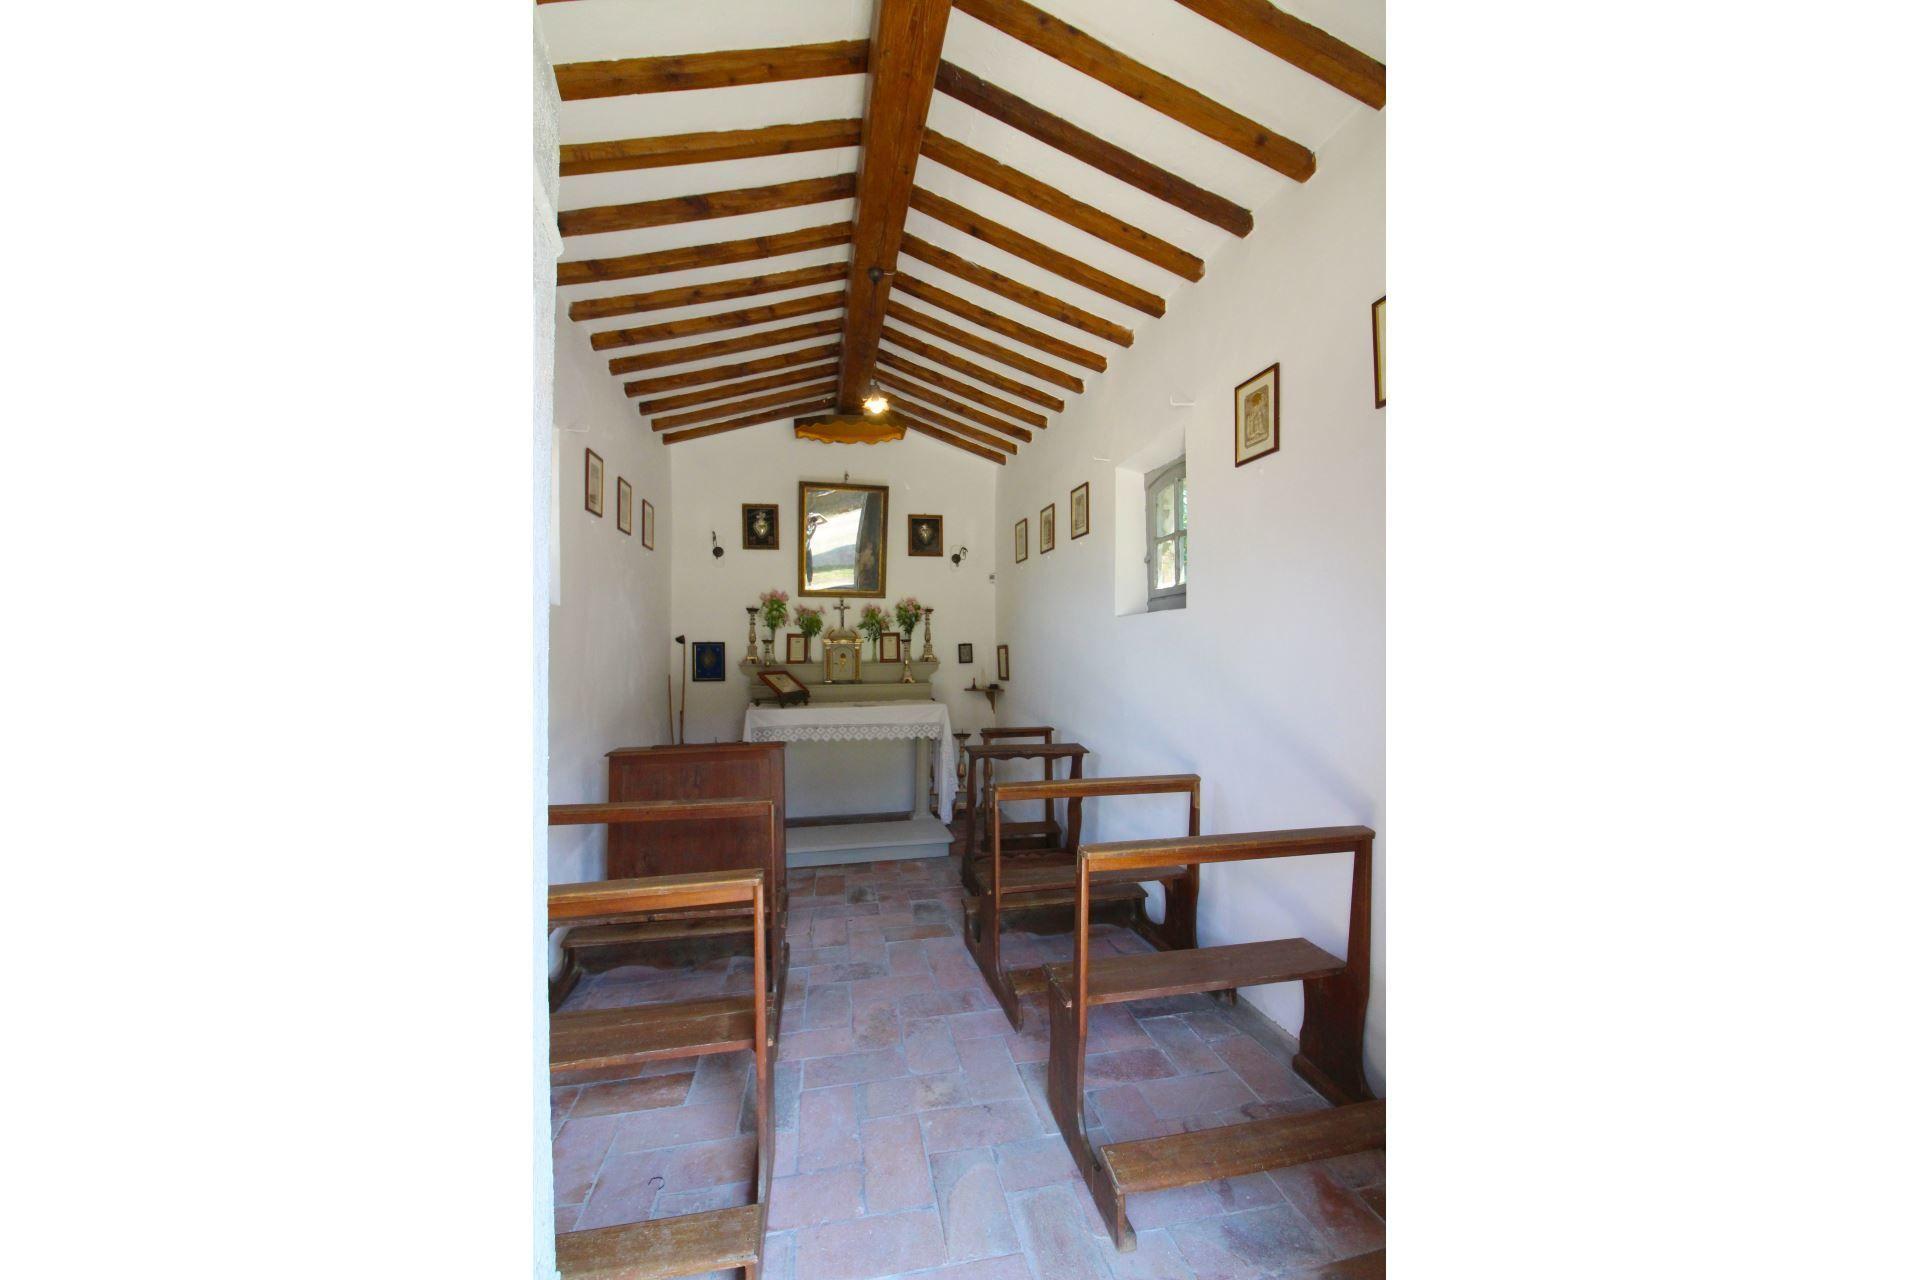 8 Bedroom Vacation Rentals: Arezzo Villa Vacation Rental Villa Gherardo That Sleeps 16